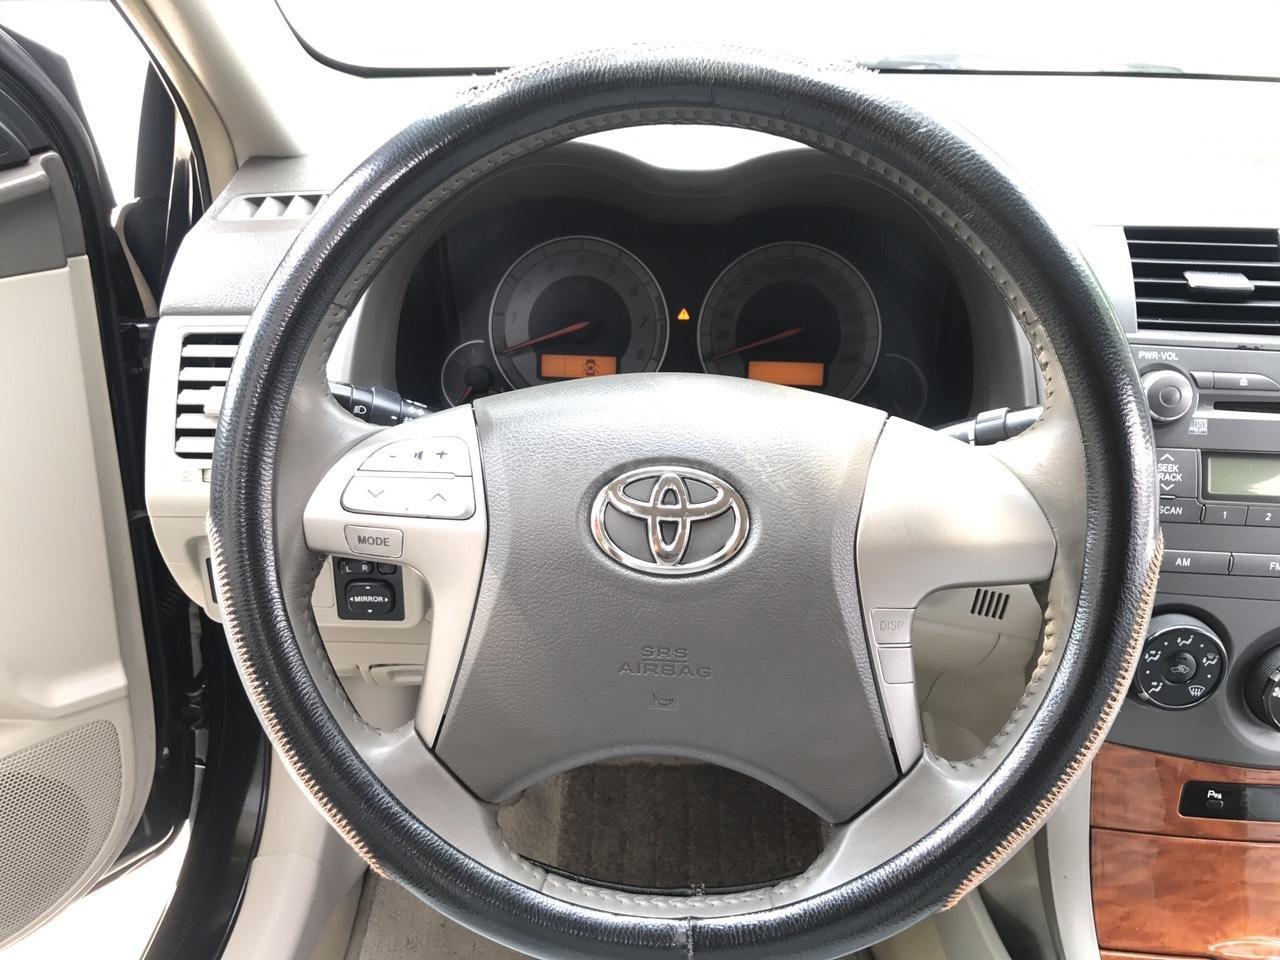 Cần bán Toyota Corolla Altis 1.8G đời 2010, màu đen, chính chủ cán bộ Sóc Sơn (6)